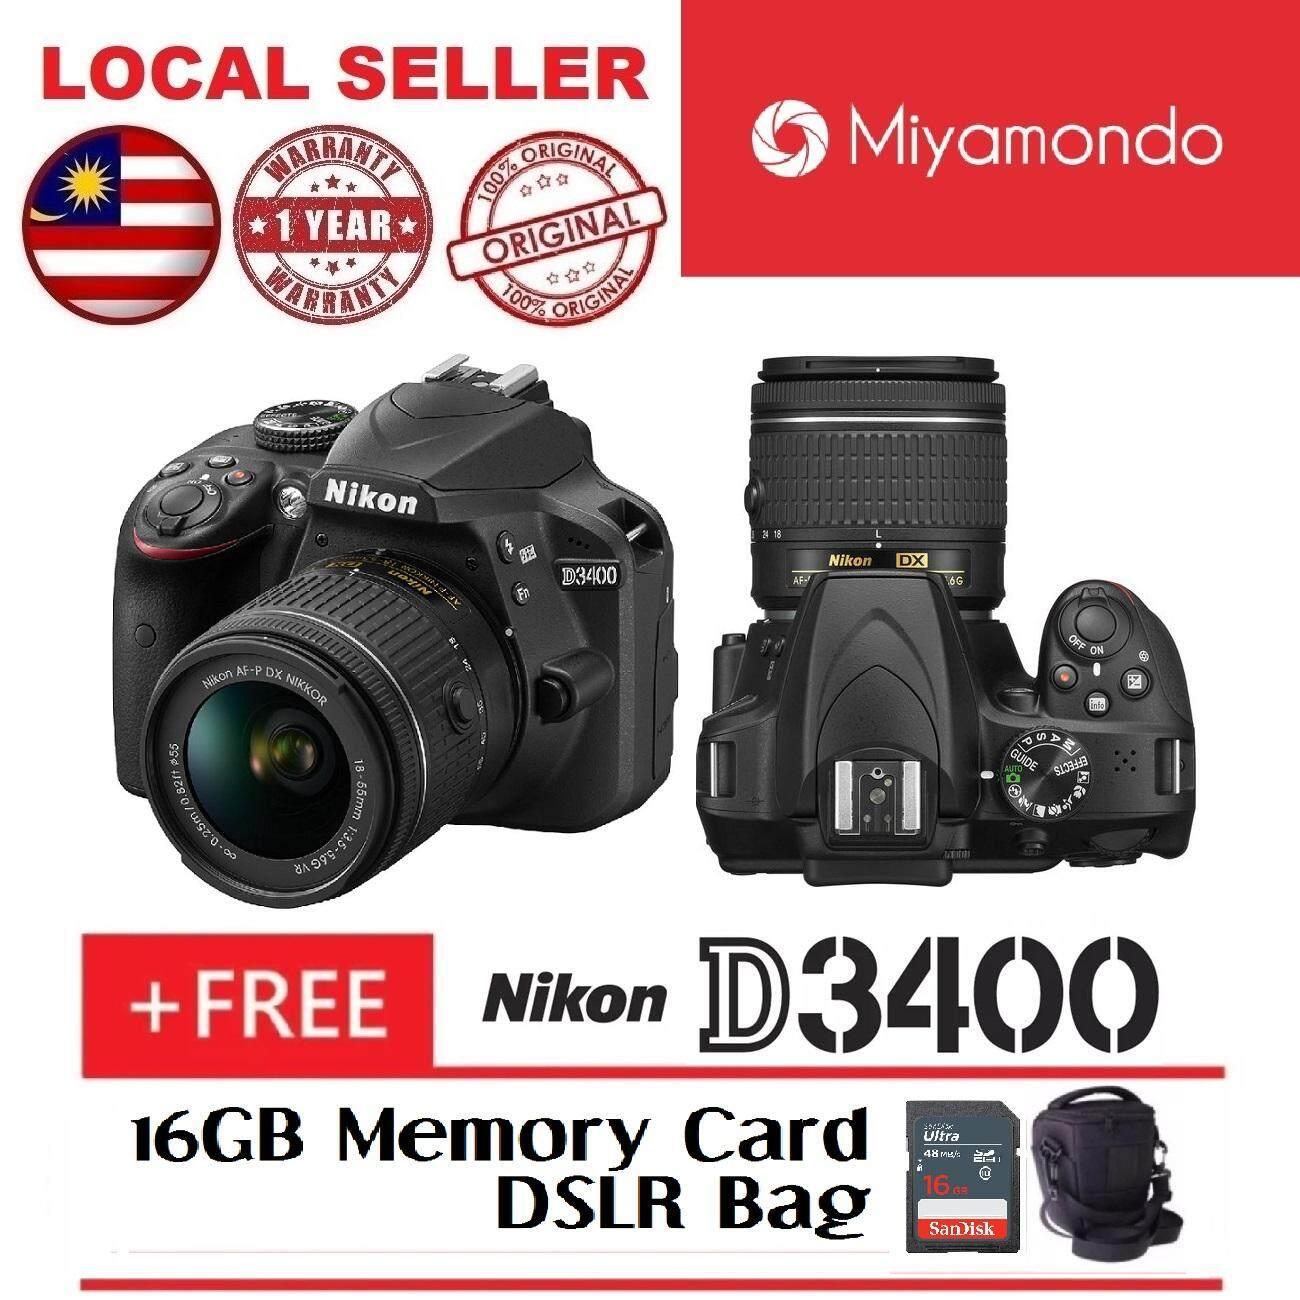 Antique Nikon Lens Kit Bag Nikon Cameras Dslrs Slrs Price Malaysia Nikon Cameras Nikon D3400 Vs D5300 Quora Nikon D3400 Vs D5500 Snapsort dpreview Nikon D3400 Vs D5500